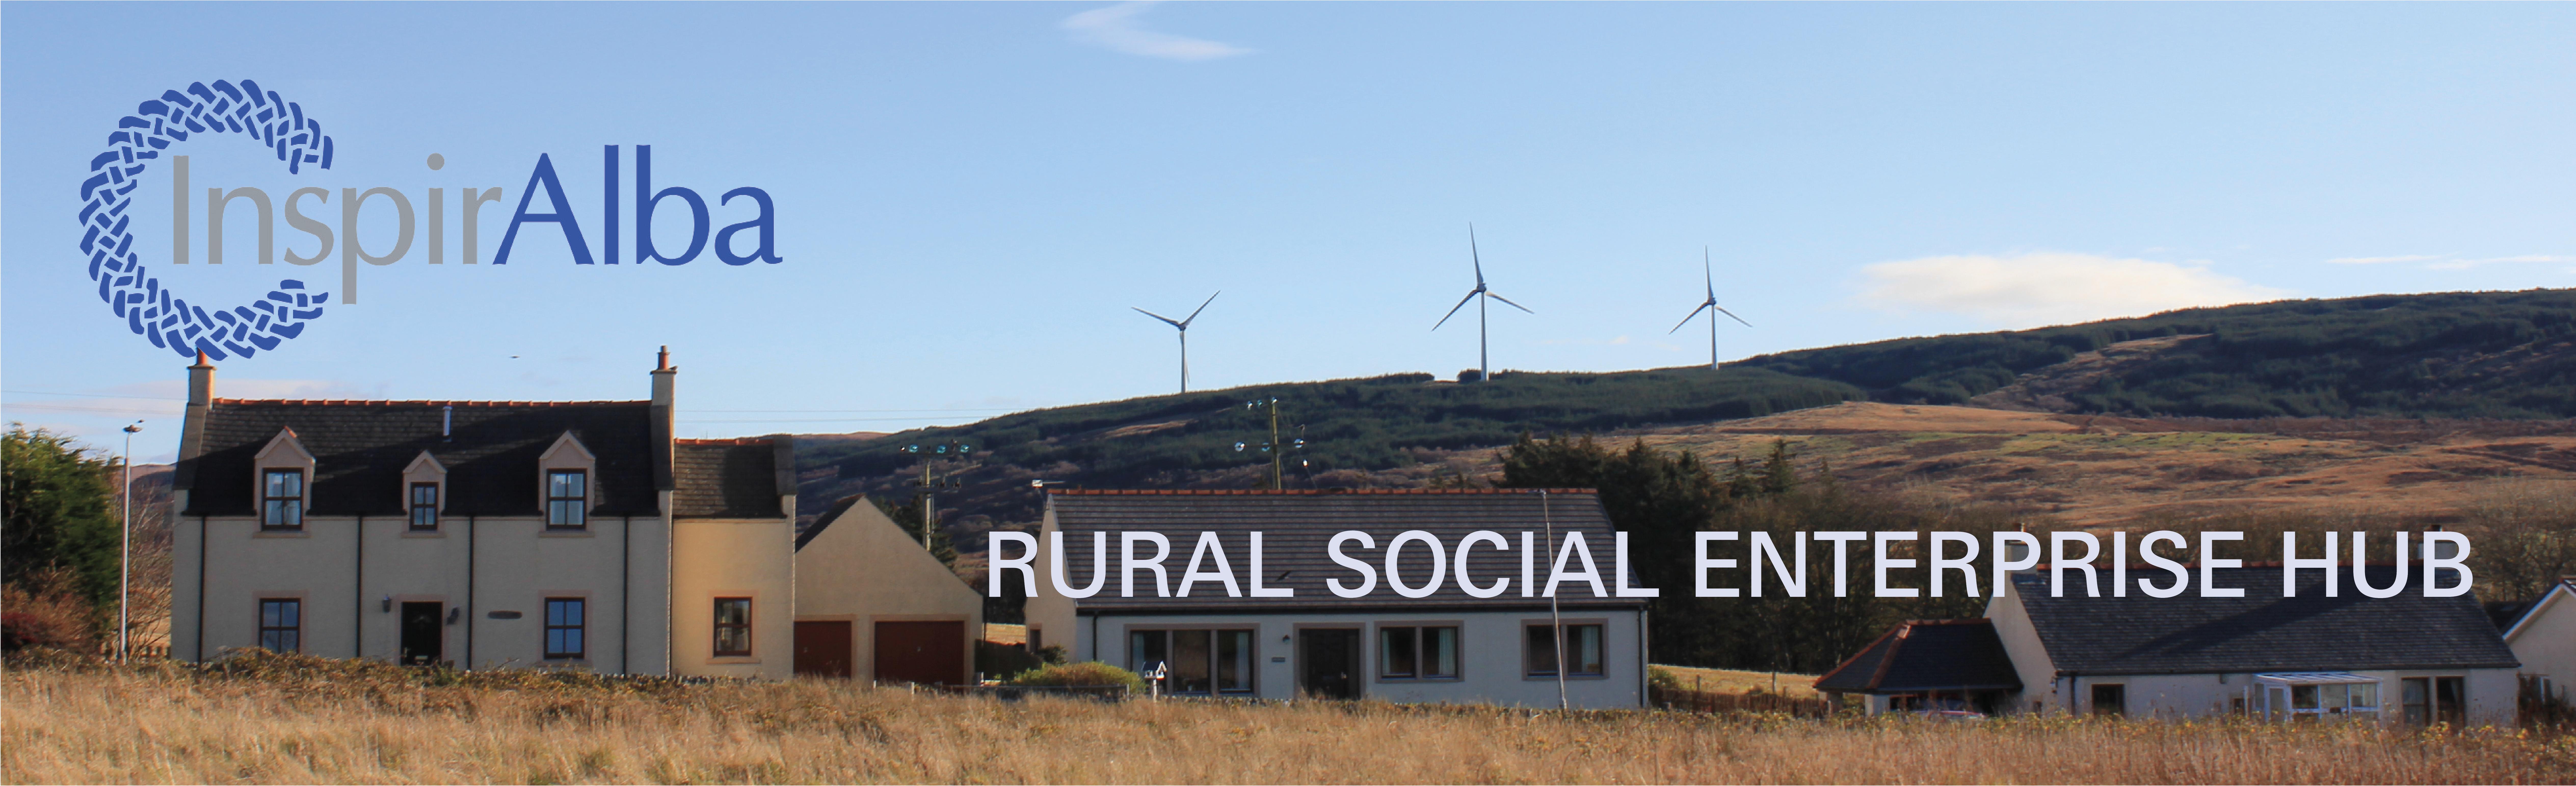 Inspiralba Rural SEHub Header